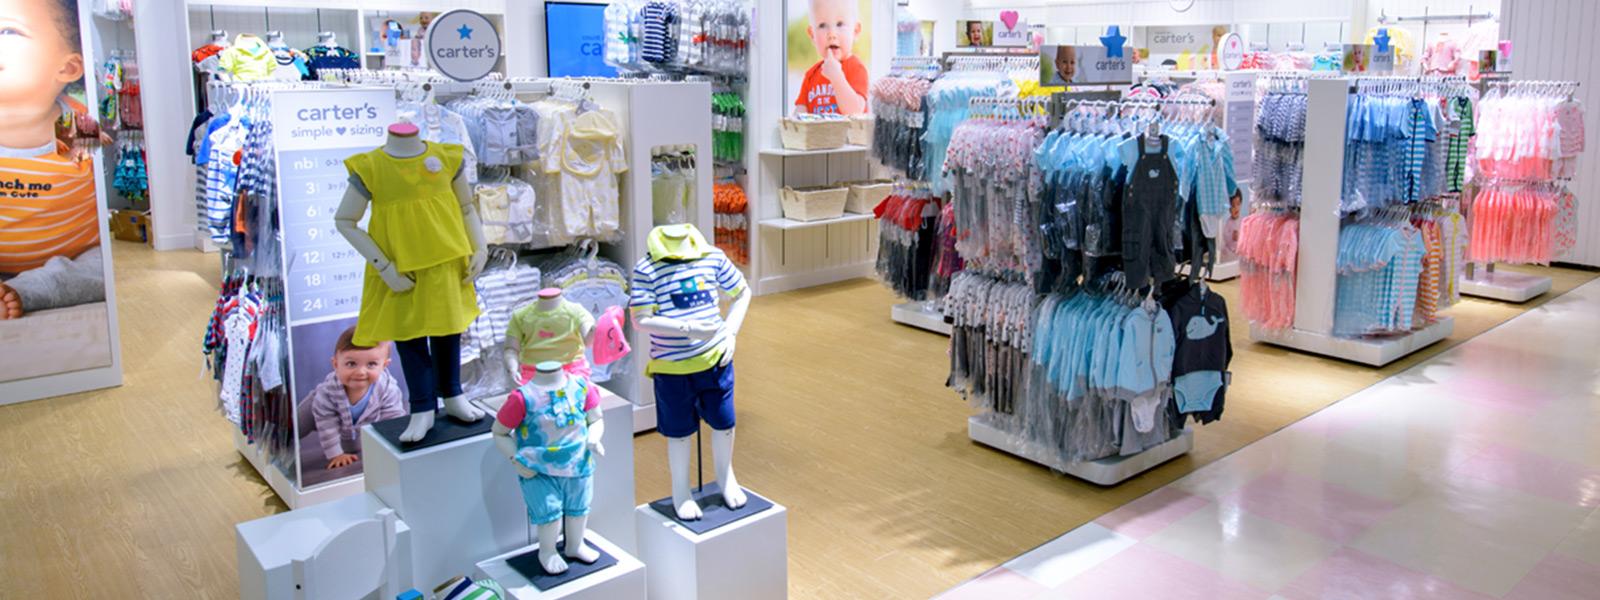 Melhores lojas para o enxoval do bebê em Nova York   Dicas de Nova York c0764e1d62